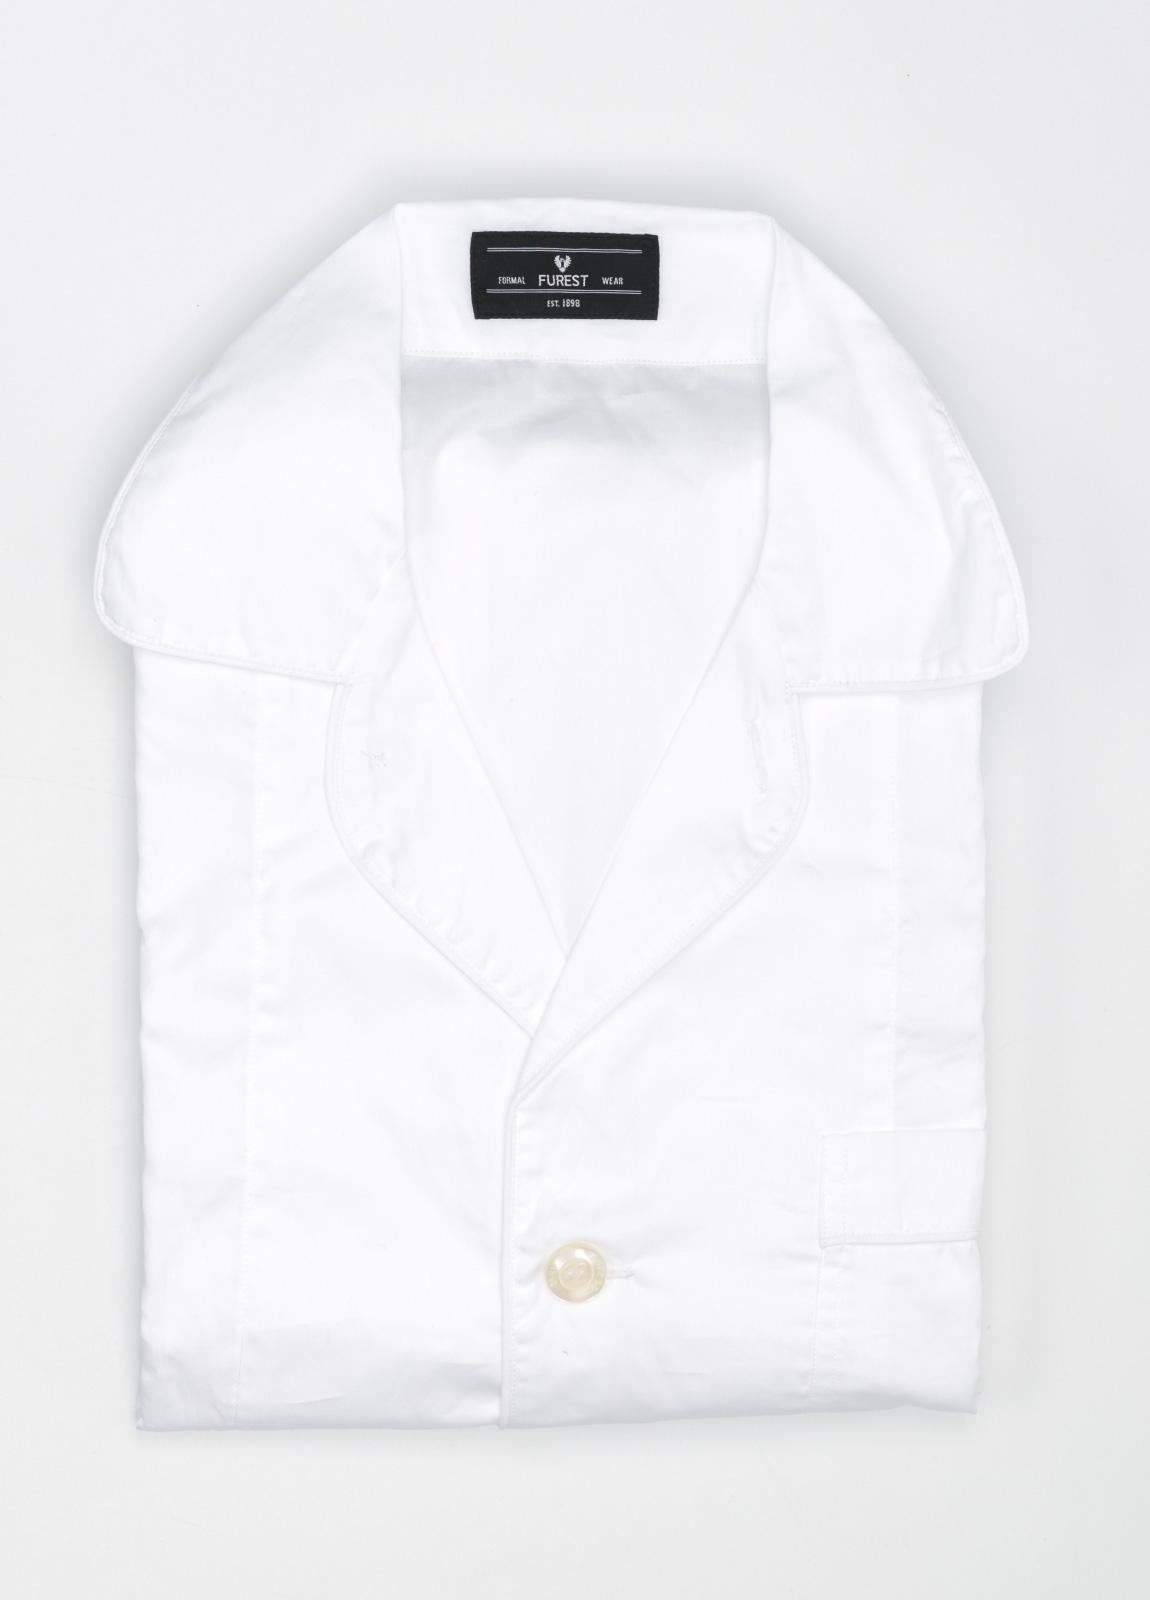 Pijama LARGO dos piezas, pantalón largo con cinta no elástica y funda incluida color blanco con vivos en blanco. 100% Algodón.